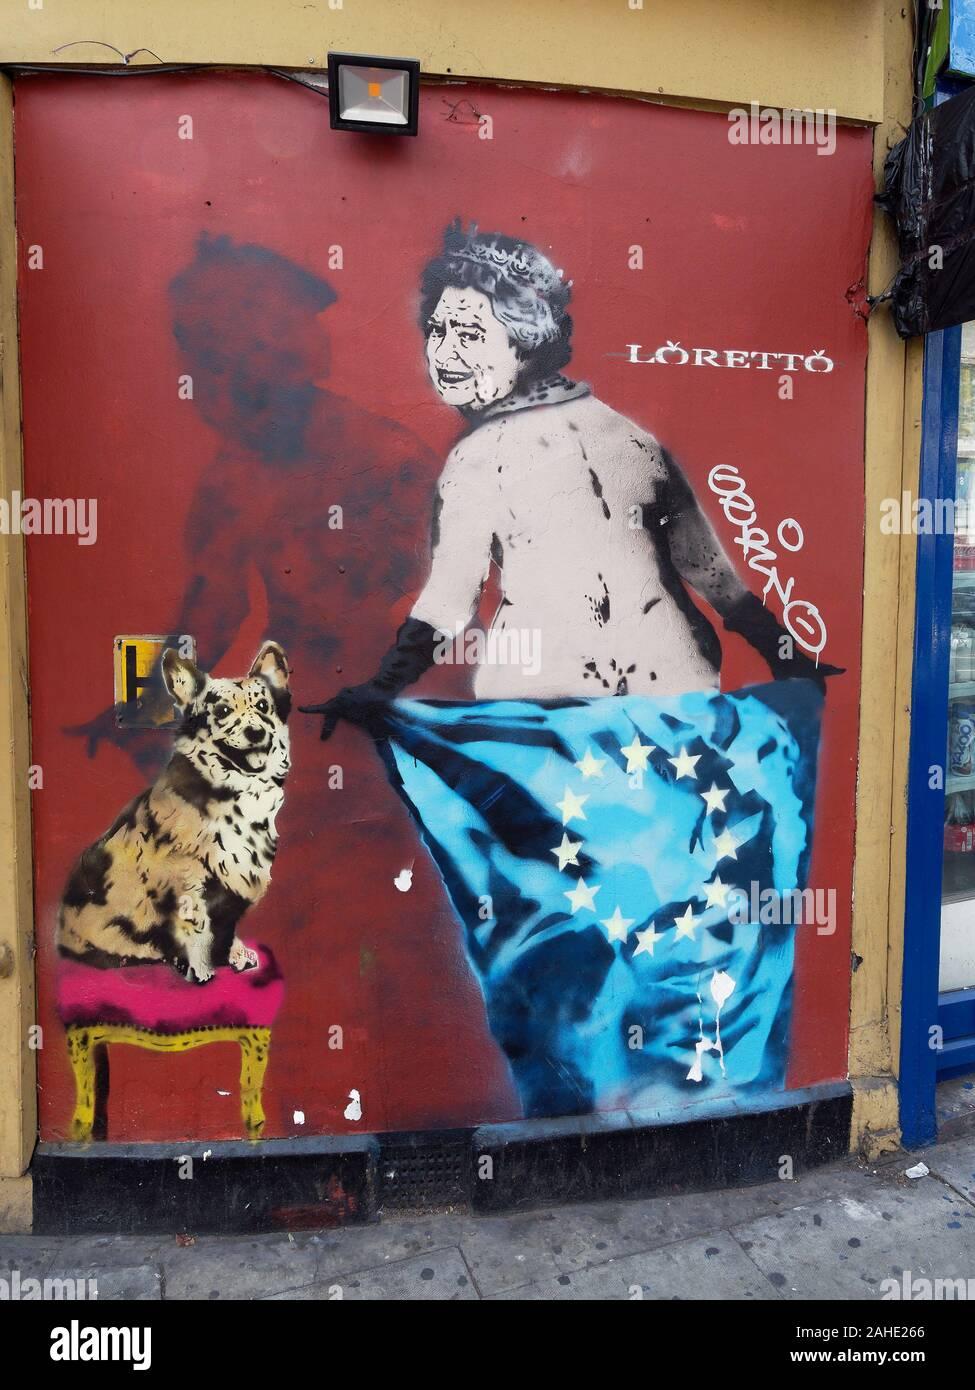 Satirico di street art graffiti con la regina Elisabetta II, corgie e bandiera UE. Foto Stock